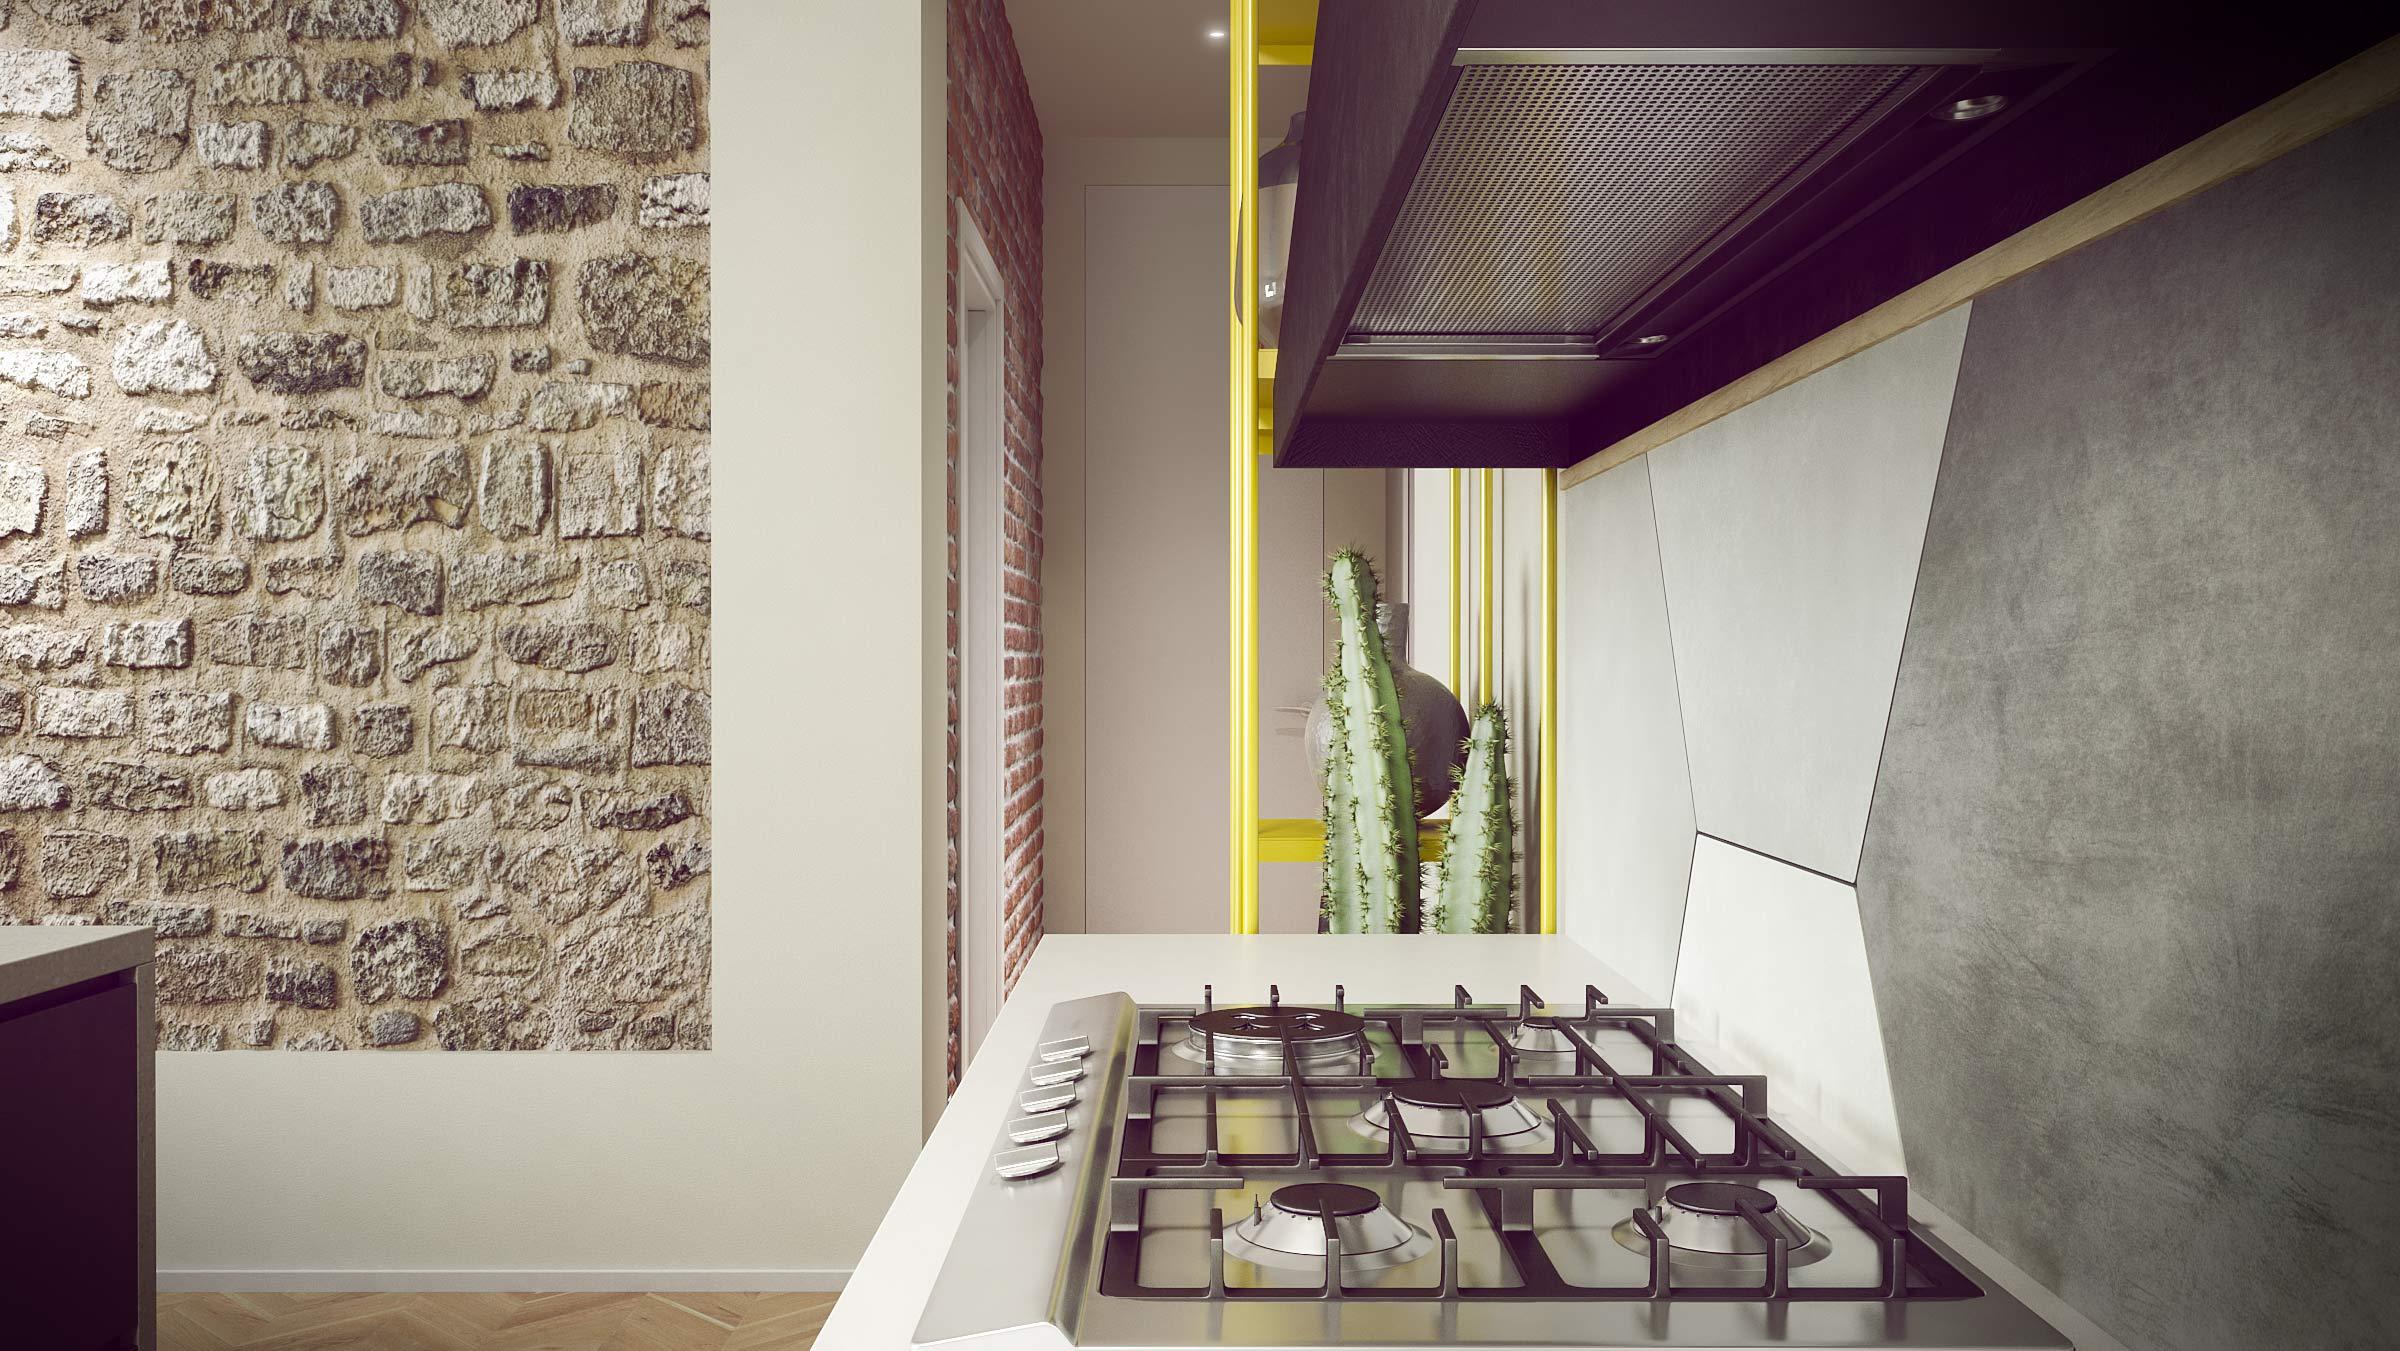 render-progetto-abitazione-privata-cucina-living-room-parquet-ferro-pietra-stone-kitchen-yellow